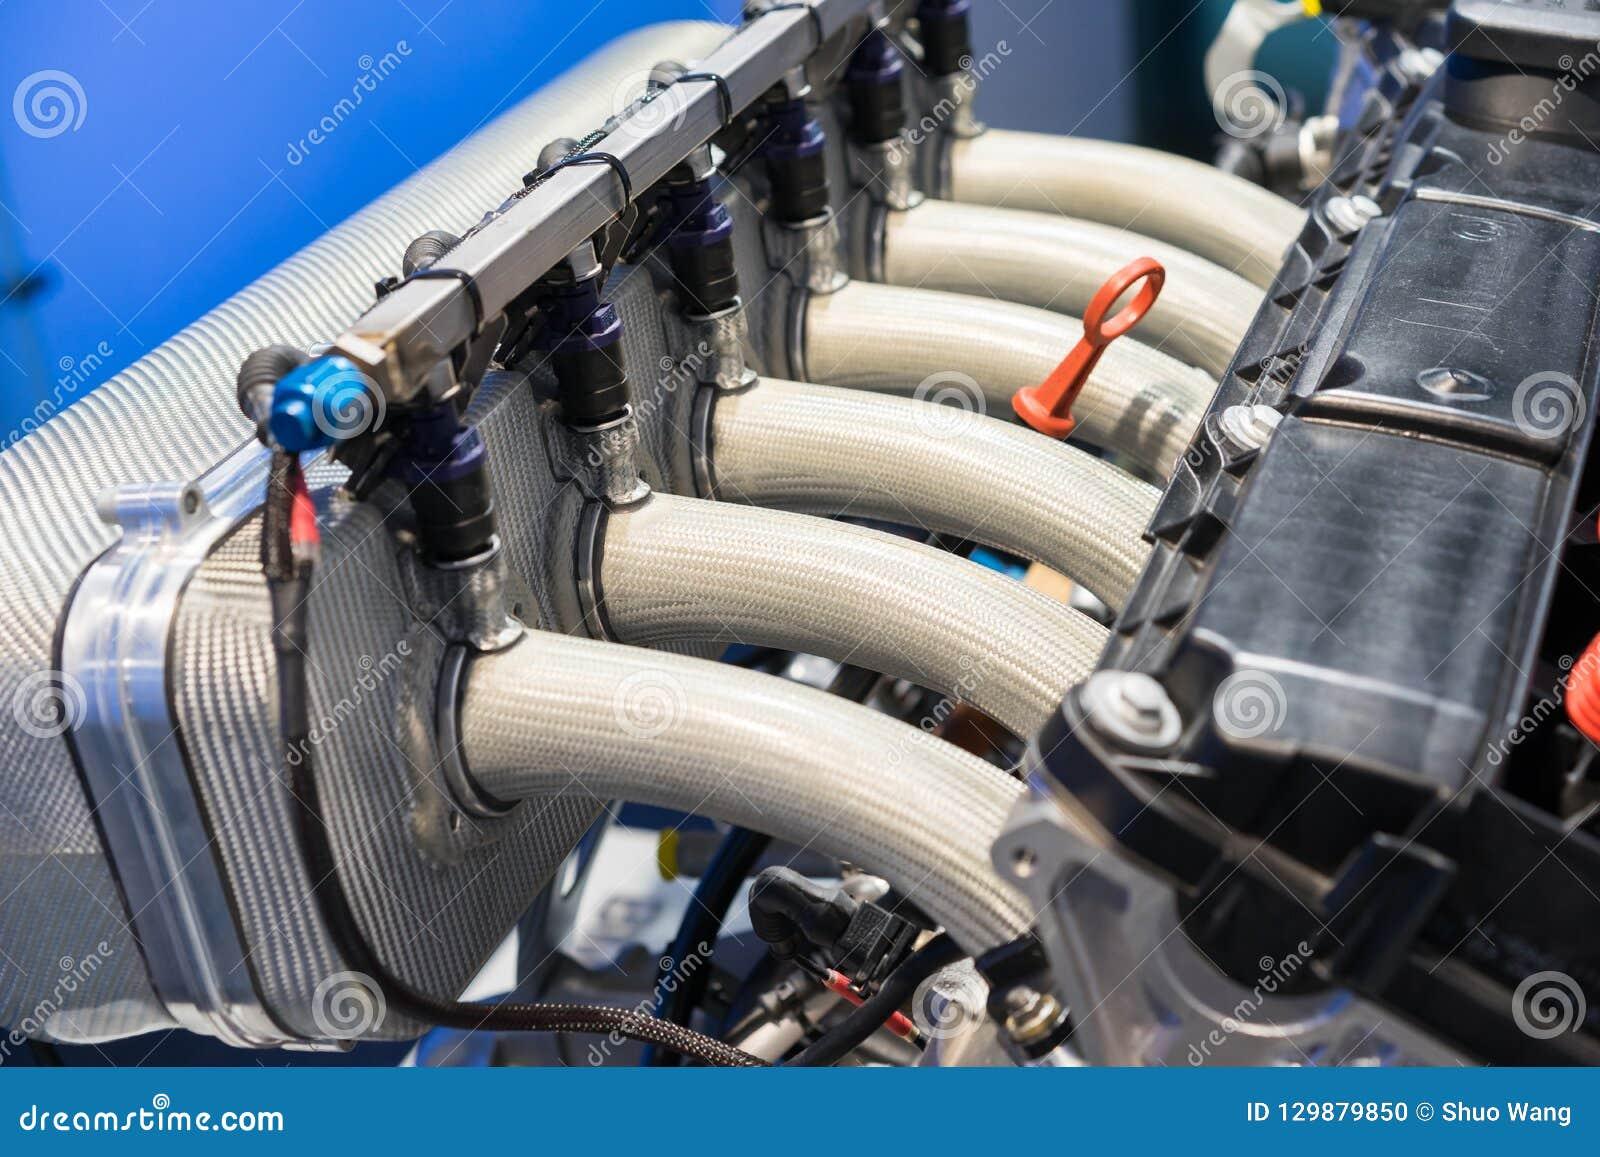 closeup of a BMW engine